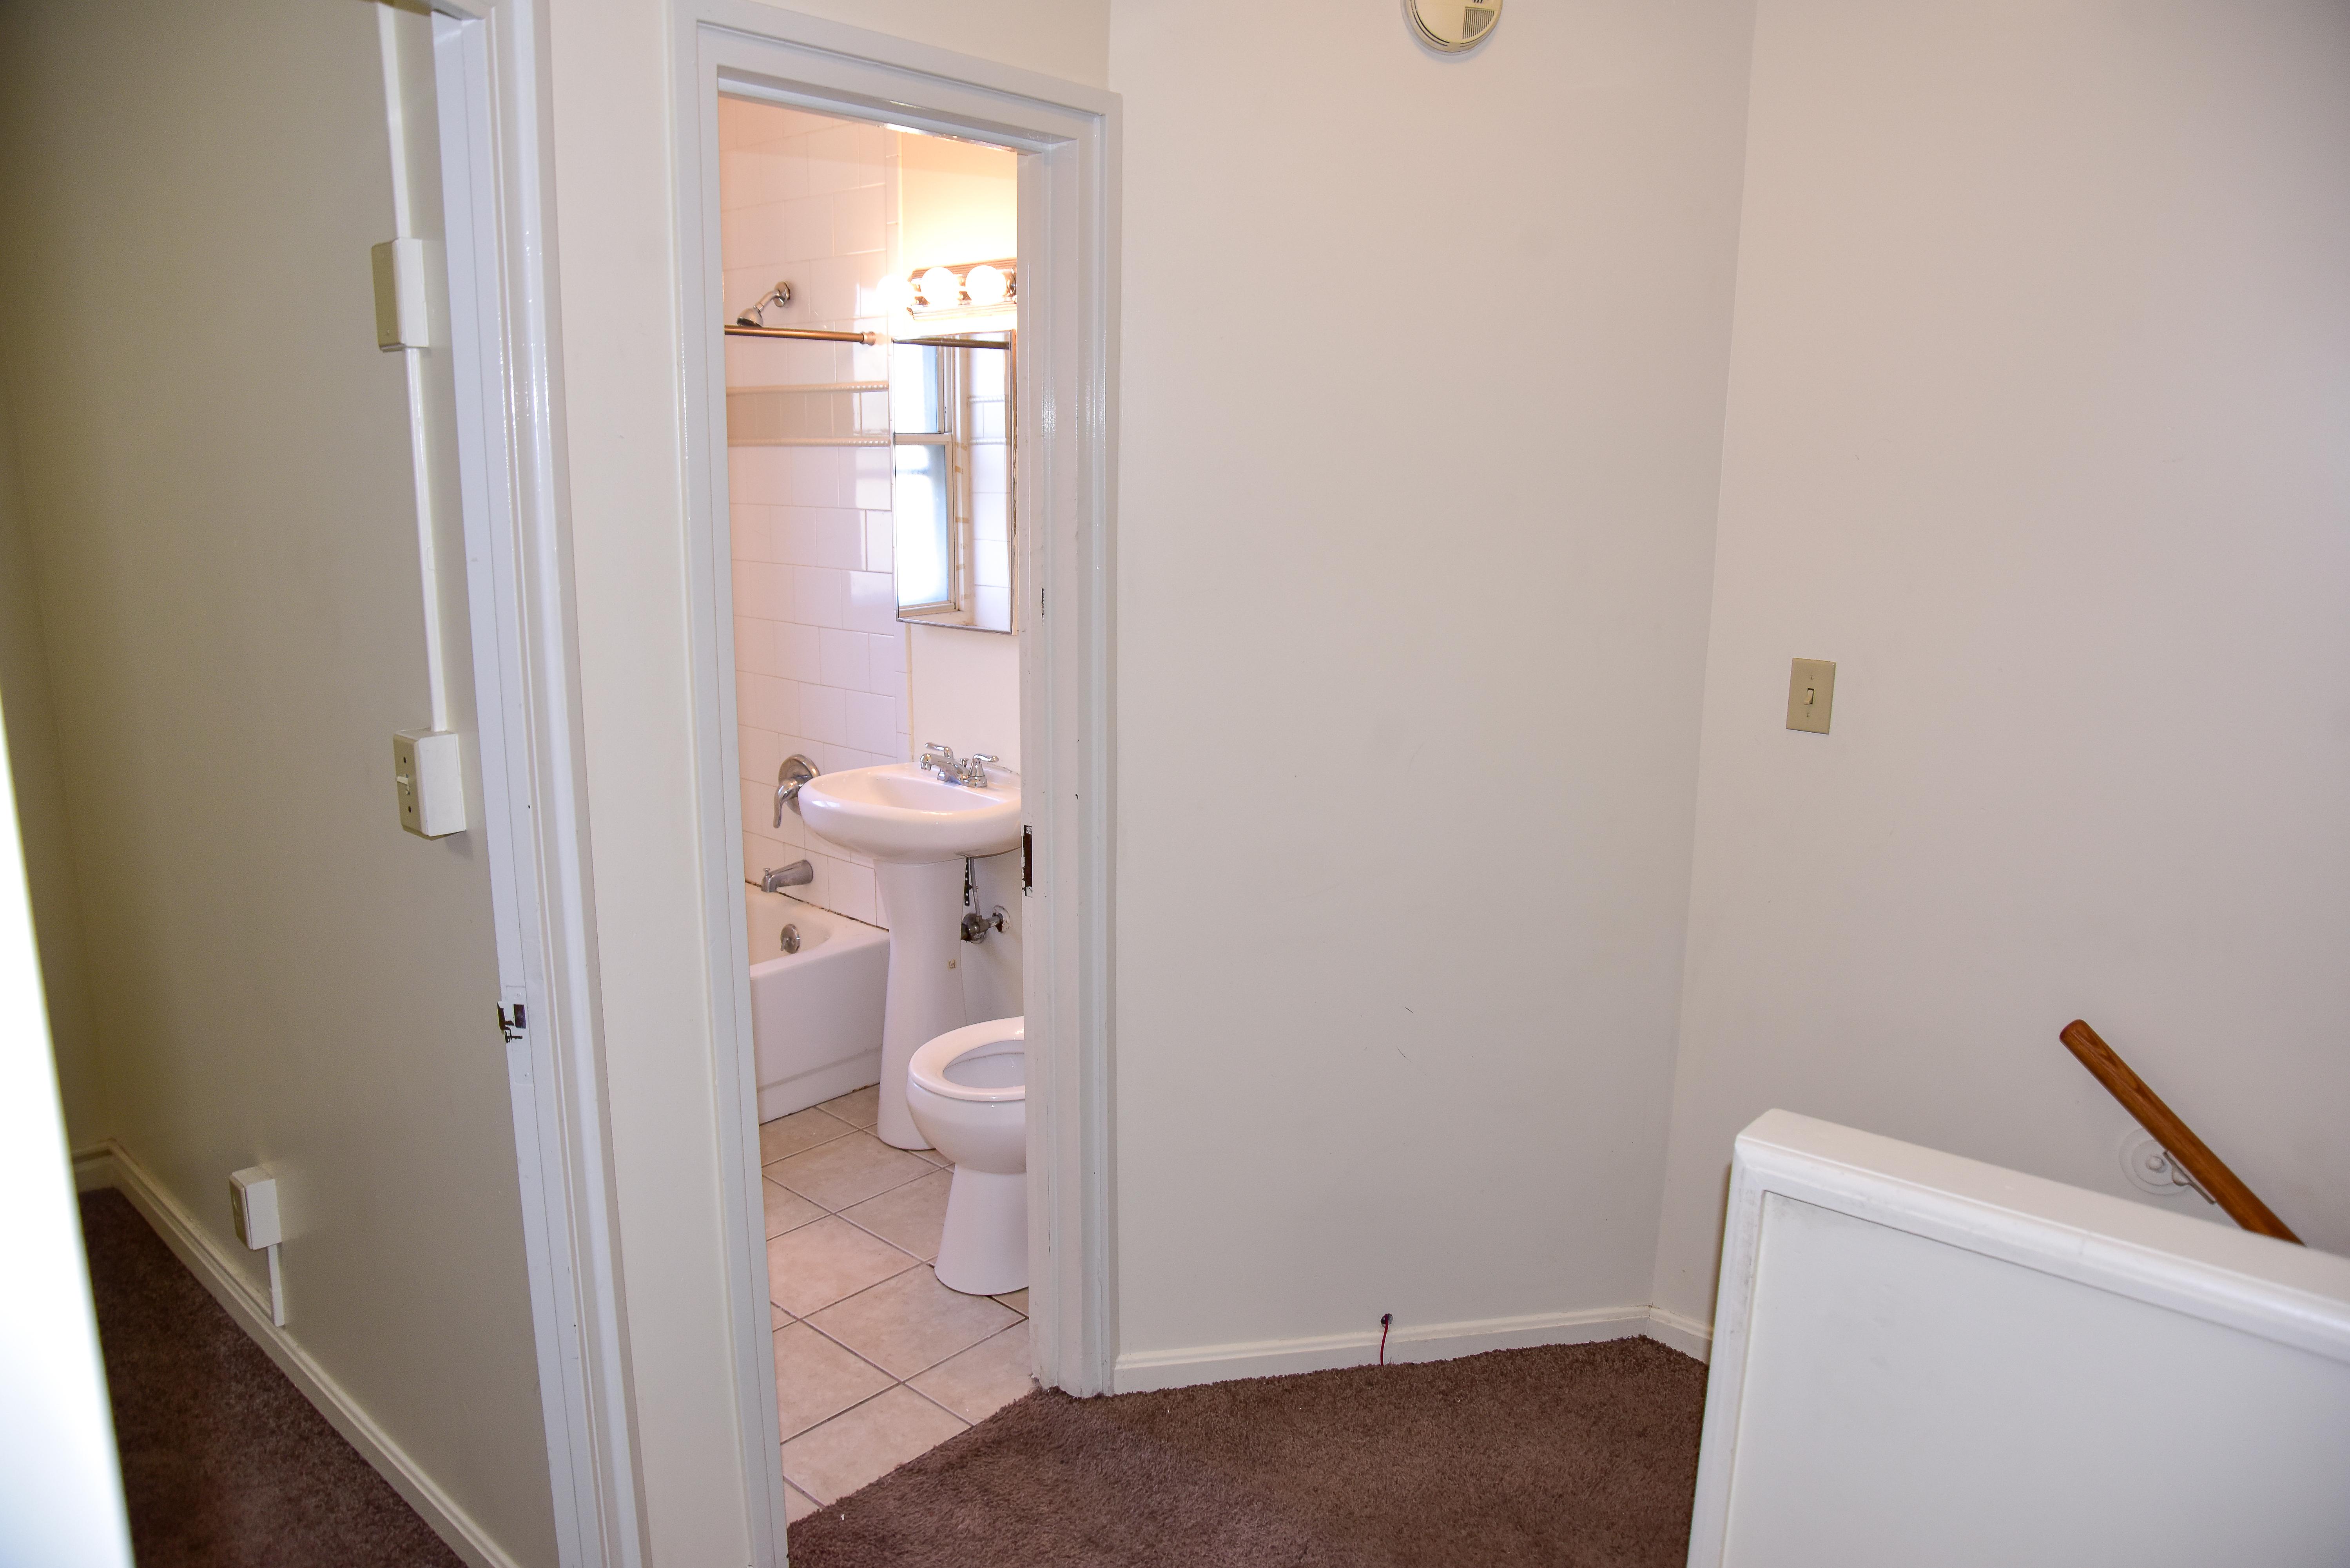 Hall area between Bedrooms